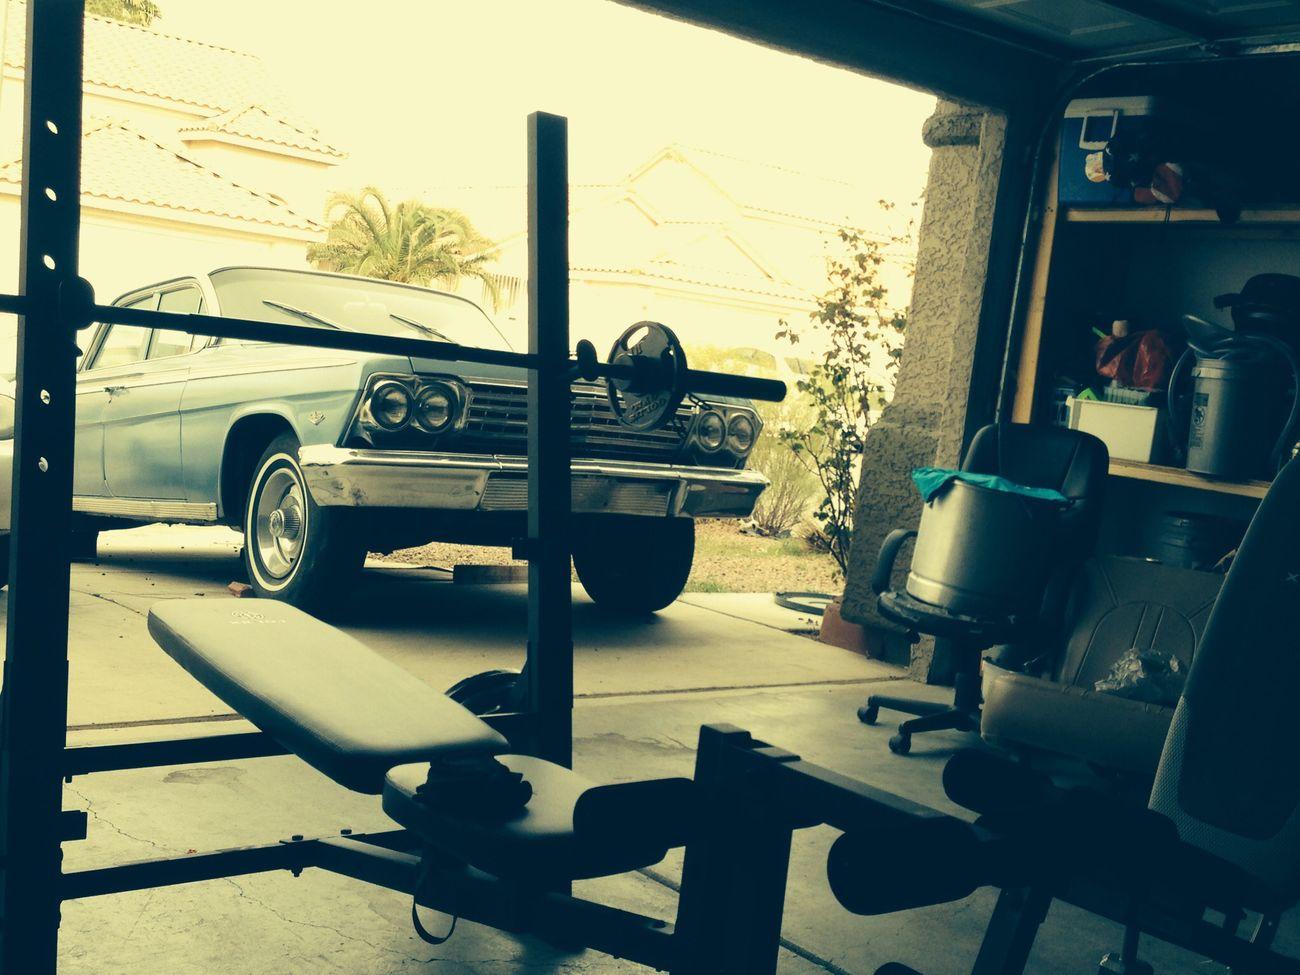 64 Impala Chilling Exercise